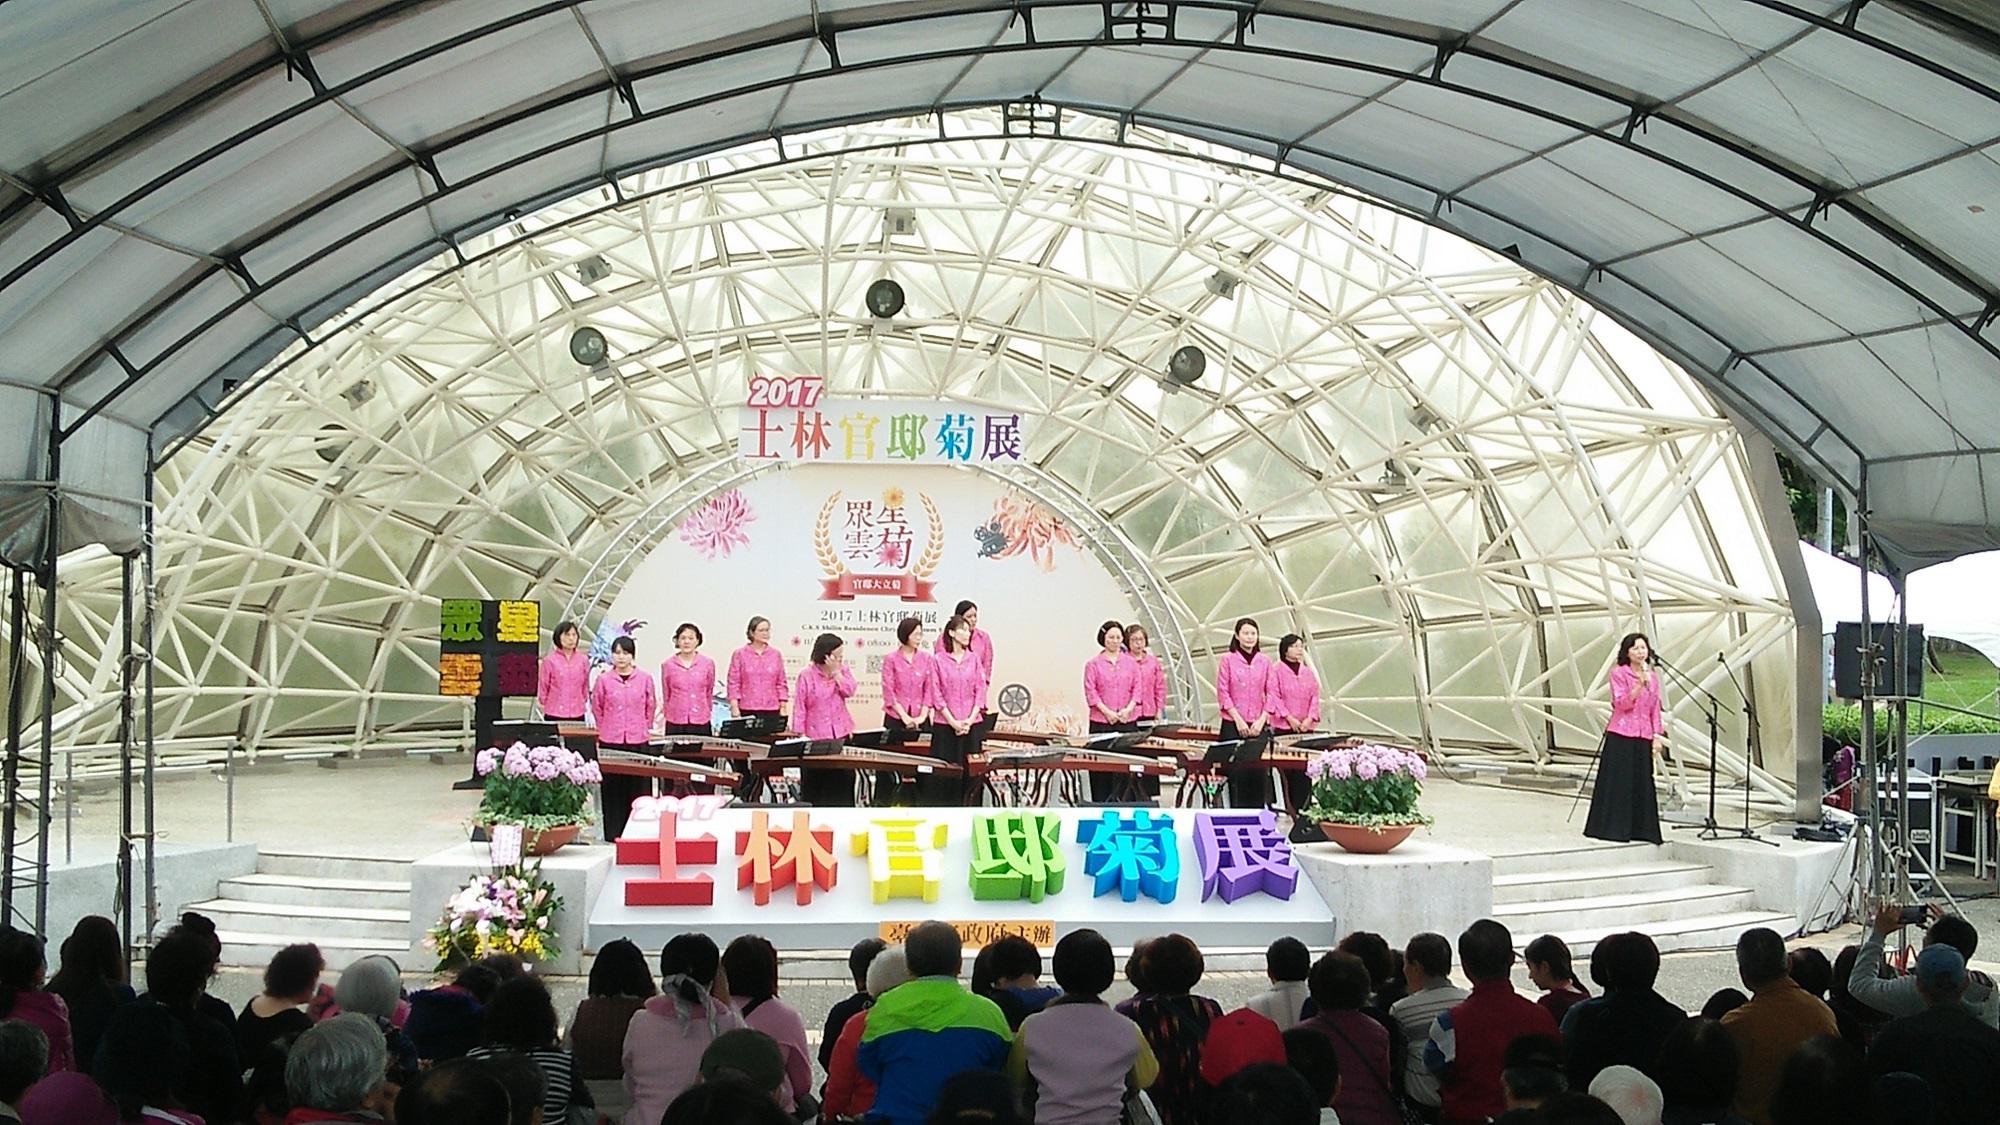 圖10 11月26日萬祥古箏樂團表演座無虛席